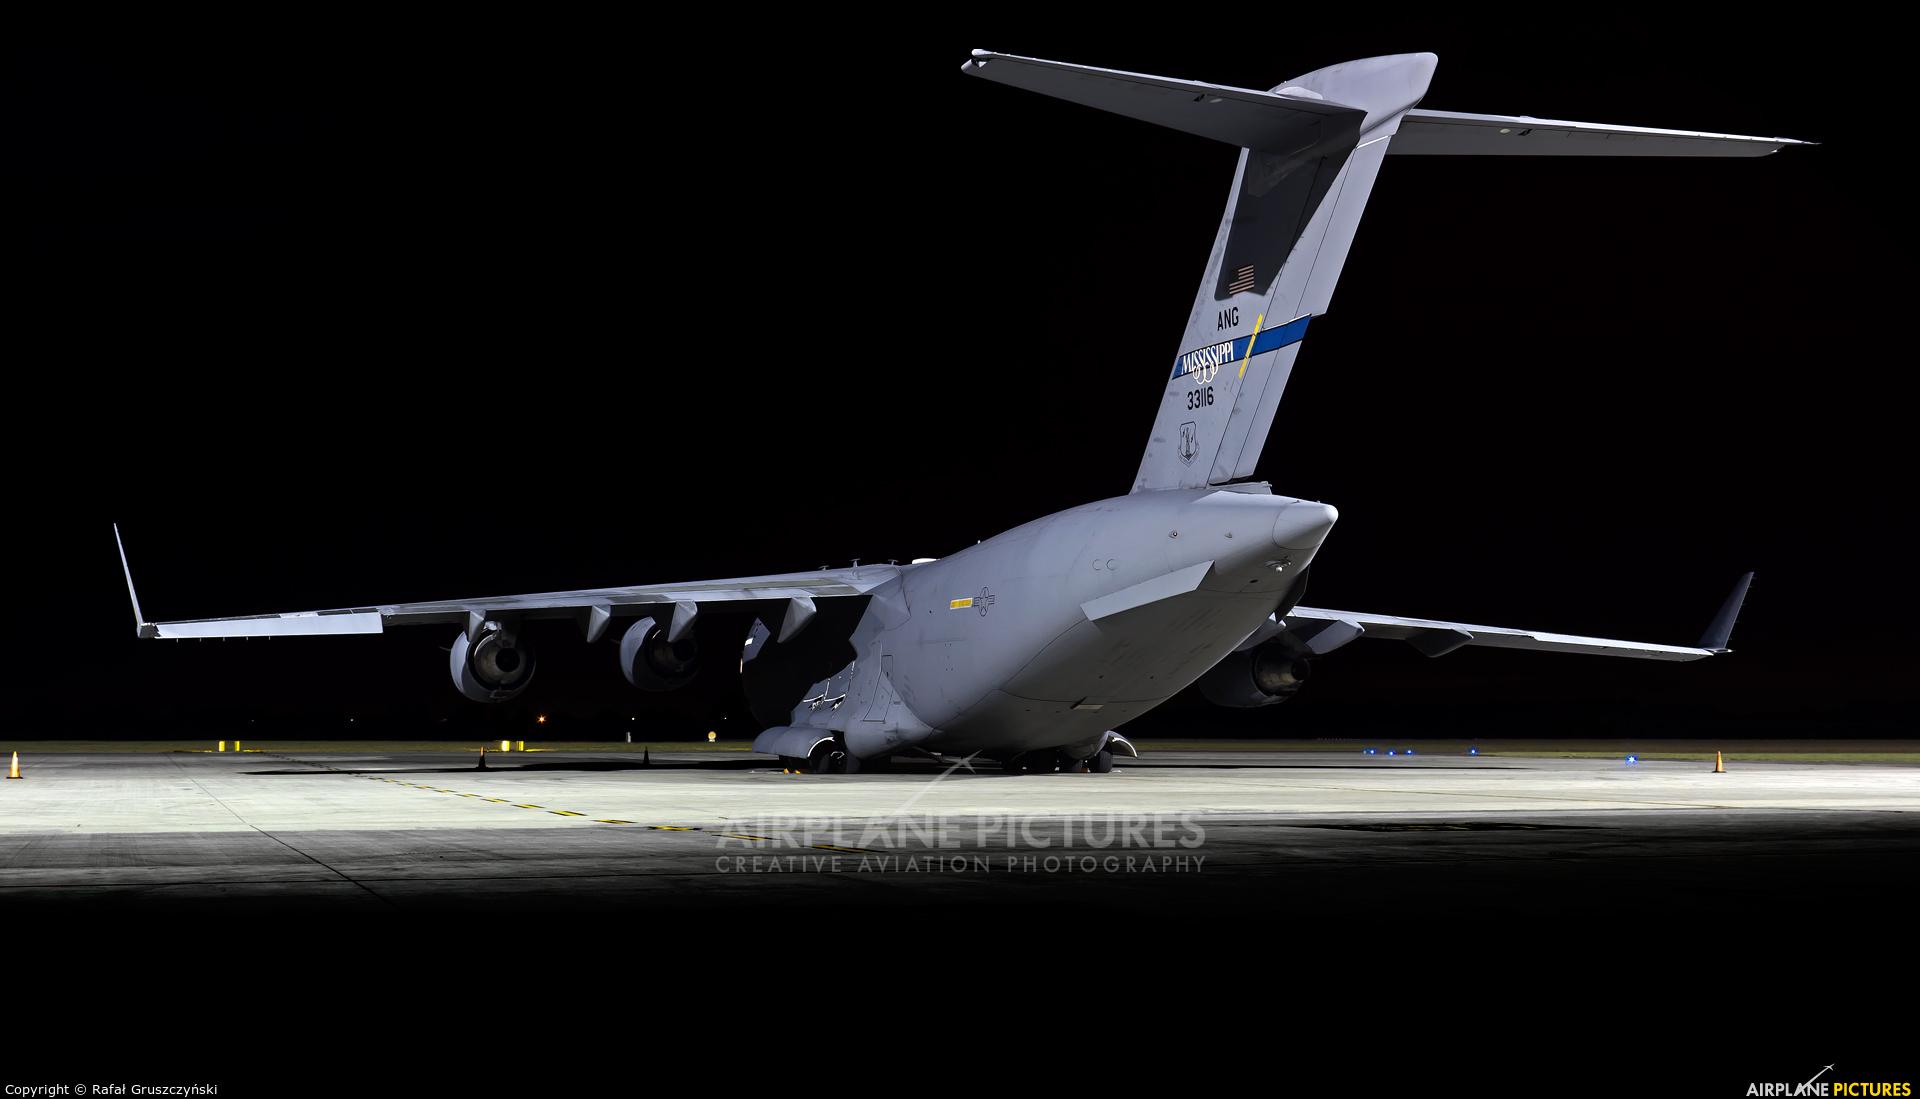 USA - Air Force 03-3116 aircraft at Warsaw - Frederic Chopin